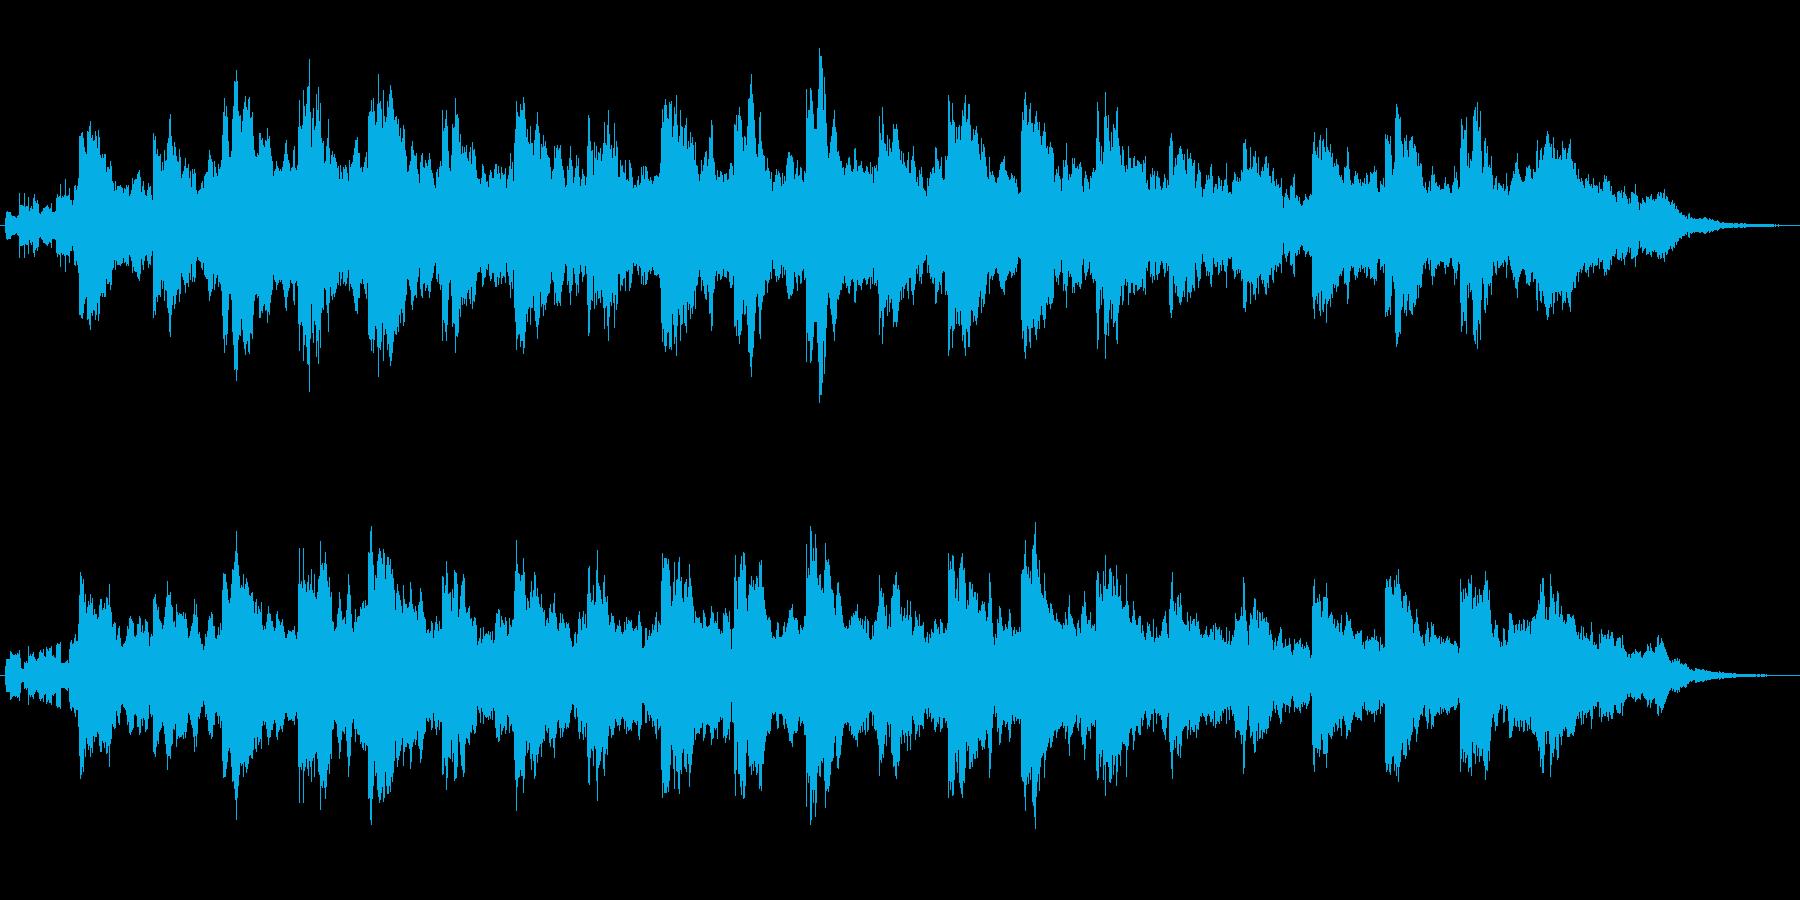 アナログシンセによる幻想的なジングルの再生済みの波形